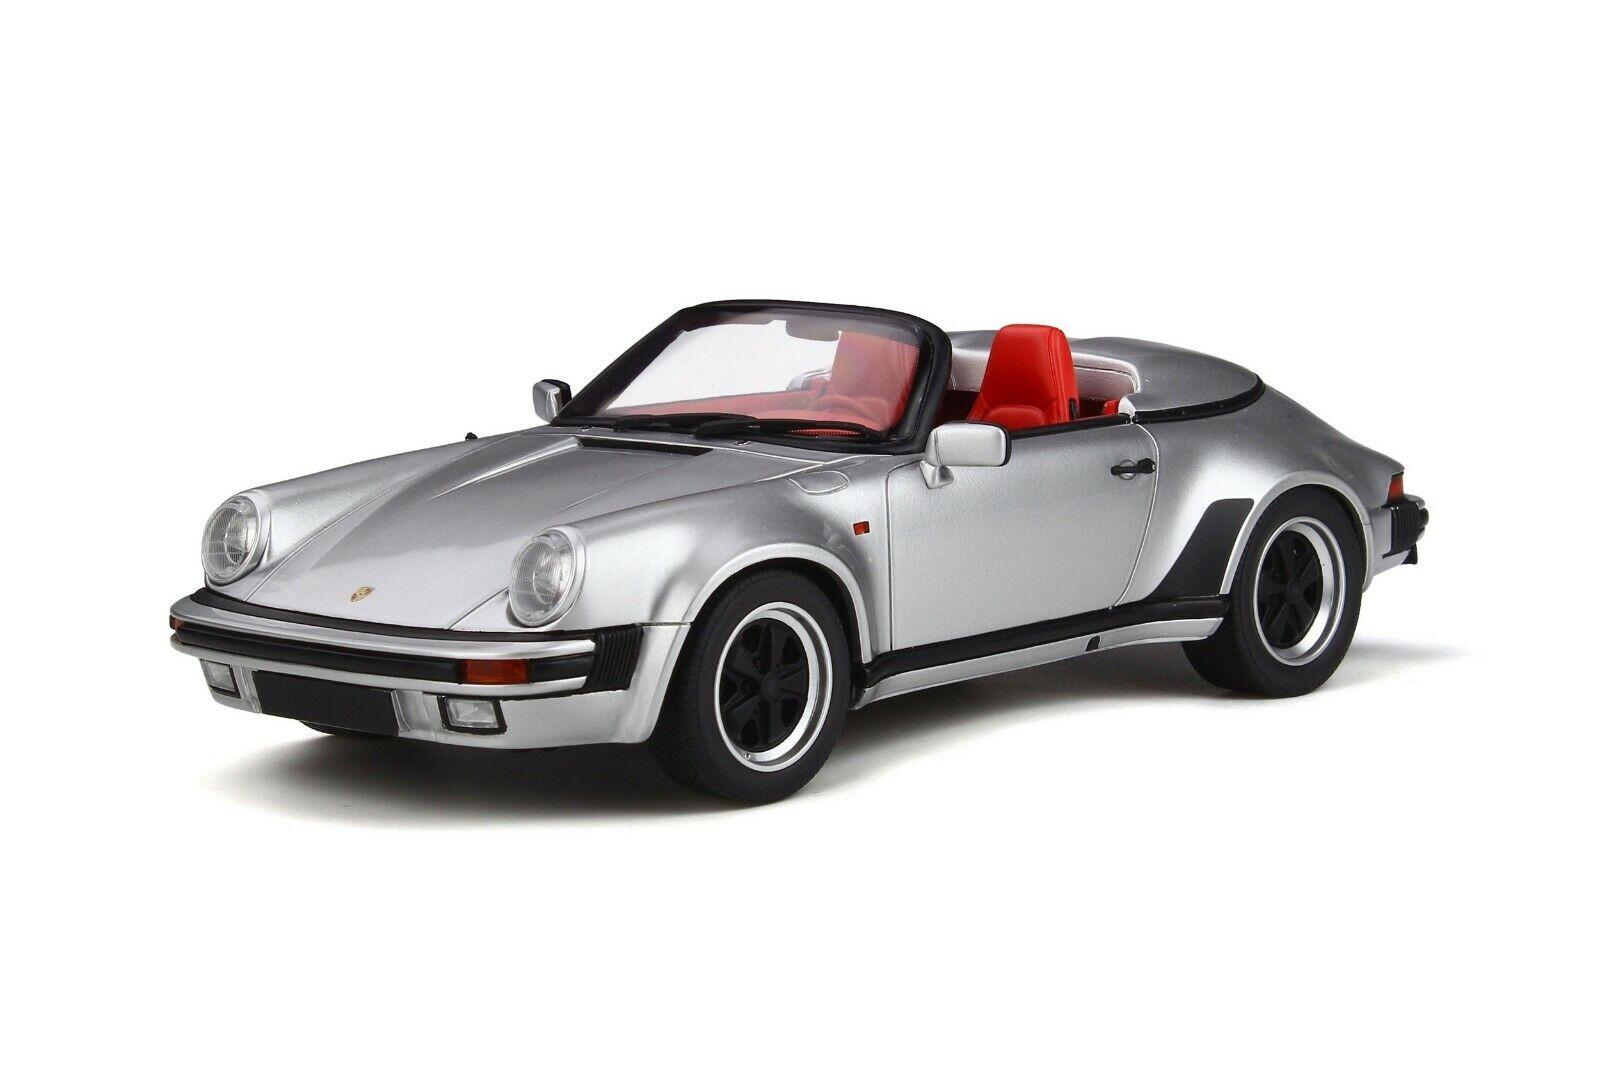 PORSCHE 911 autorera 3.2 TARGA Speedster argentoO G 1987 GT SPIRIT NUOVO nuovo 1 18